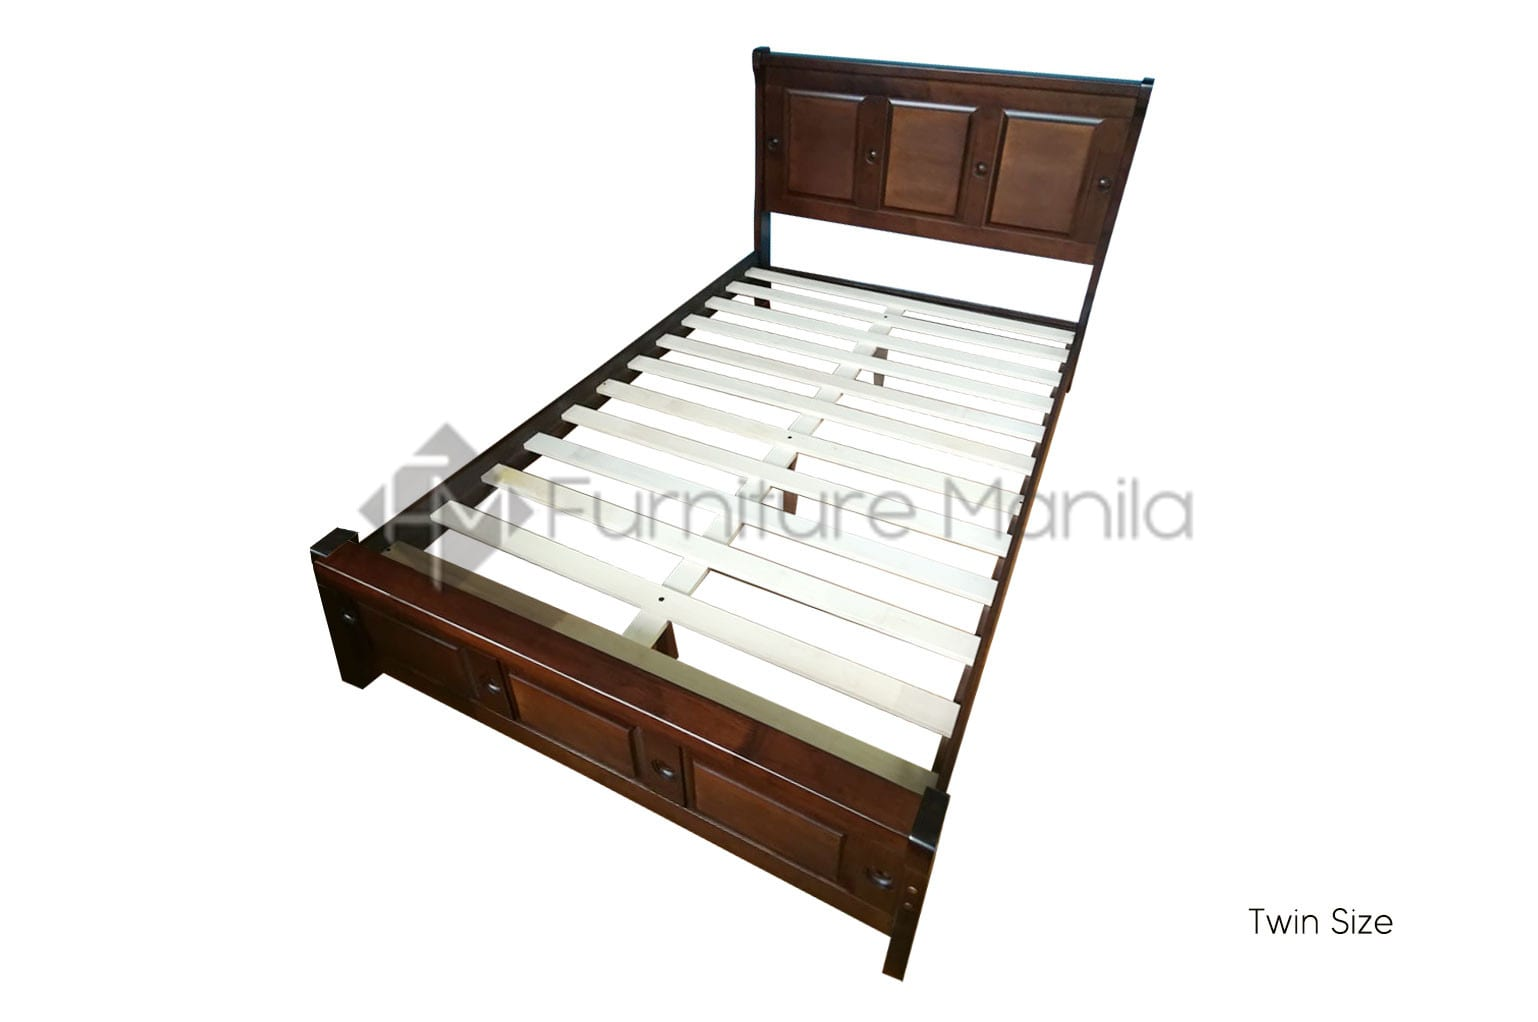 Kf1042 Wooden Bed Frame Furniture Manila